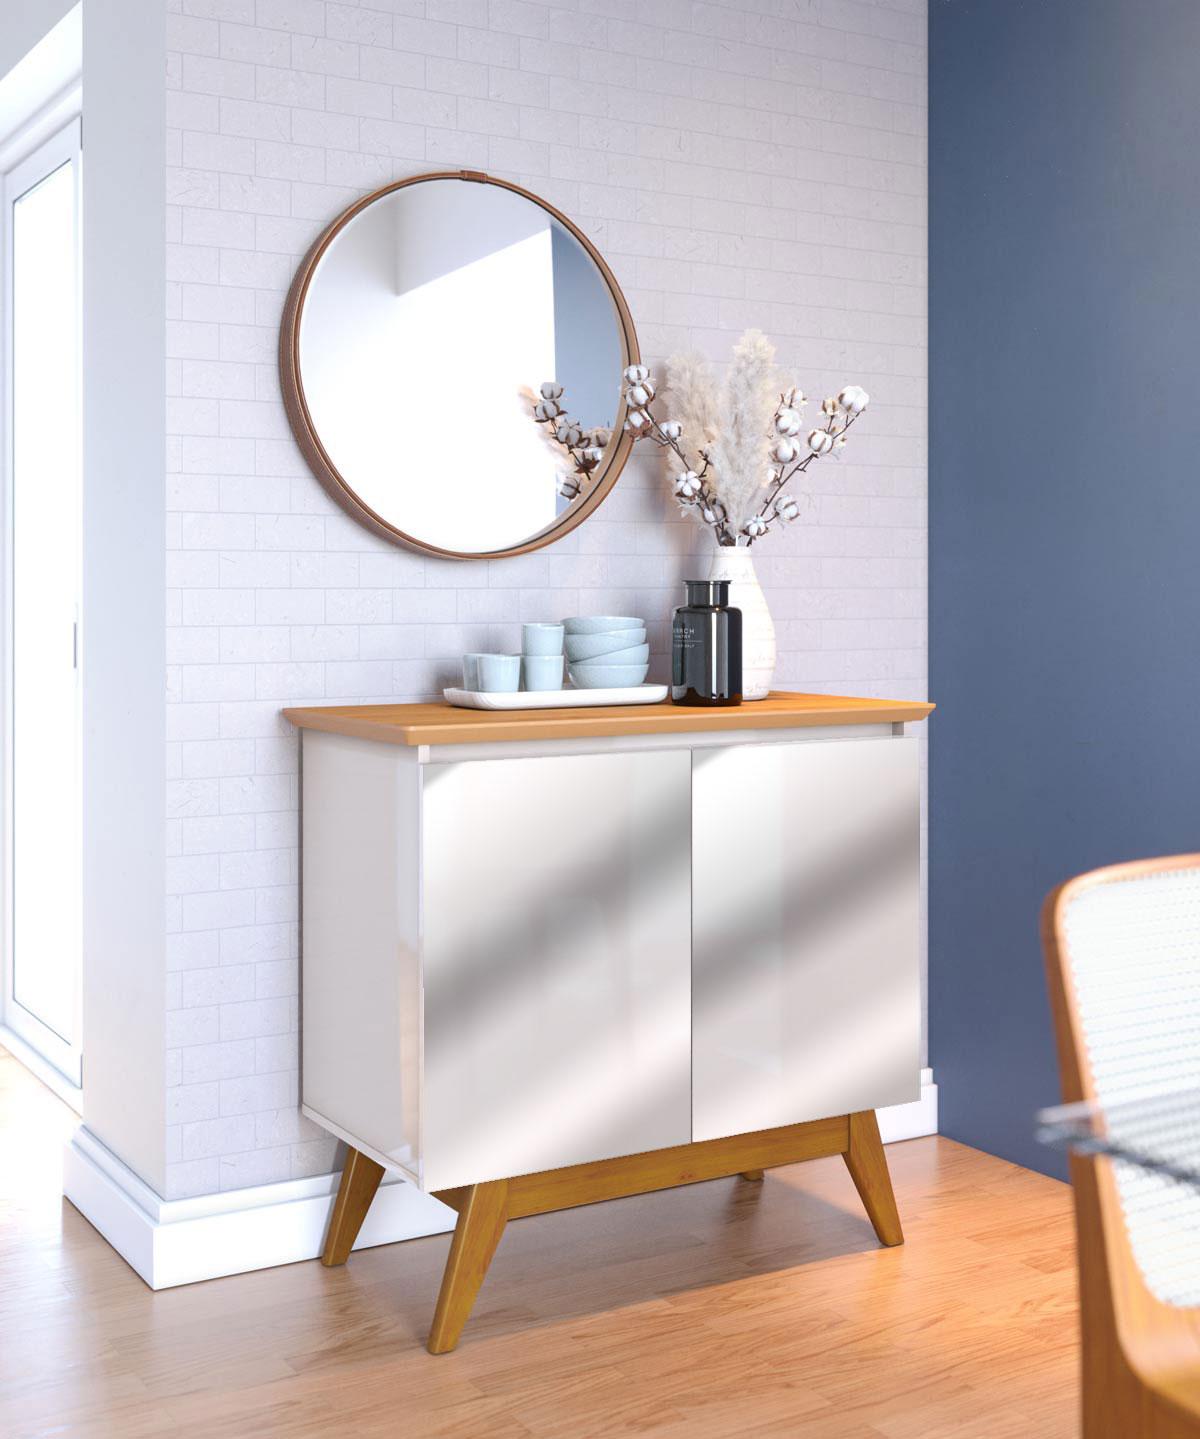 Buffet Classic 2 Portas Off White com Nature e Espelho - Imcal Móveis